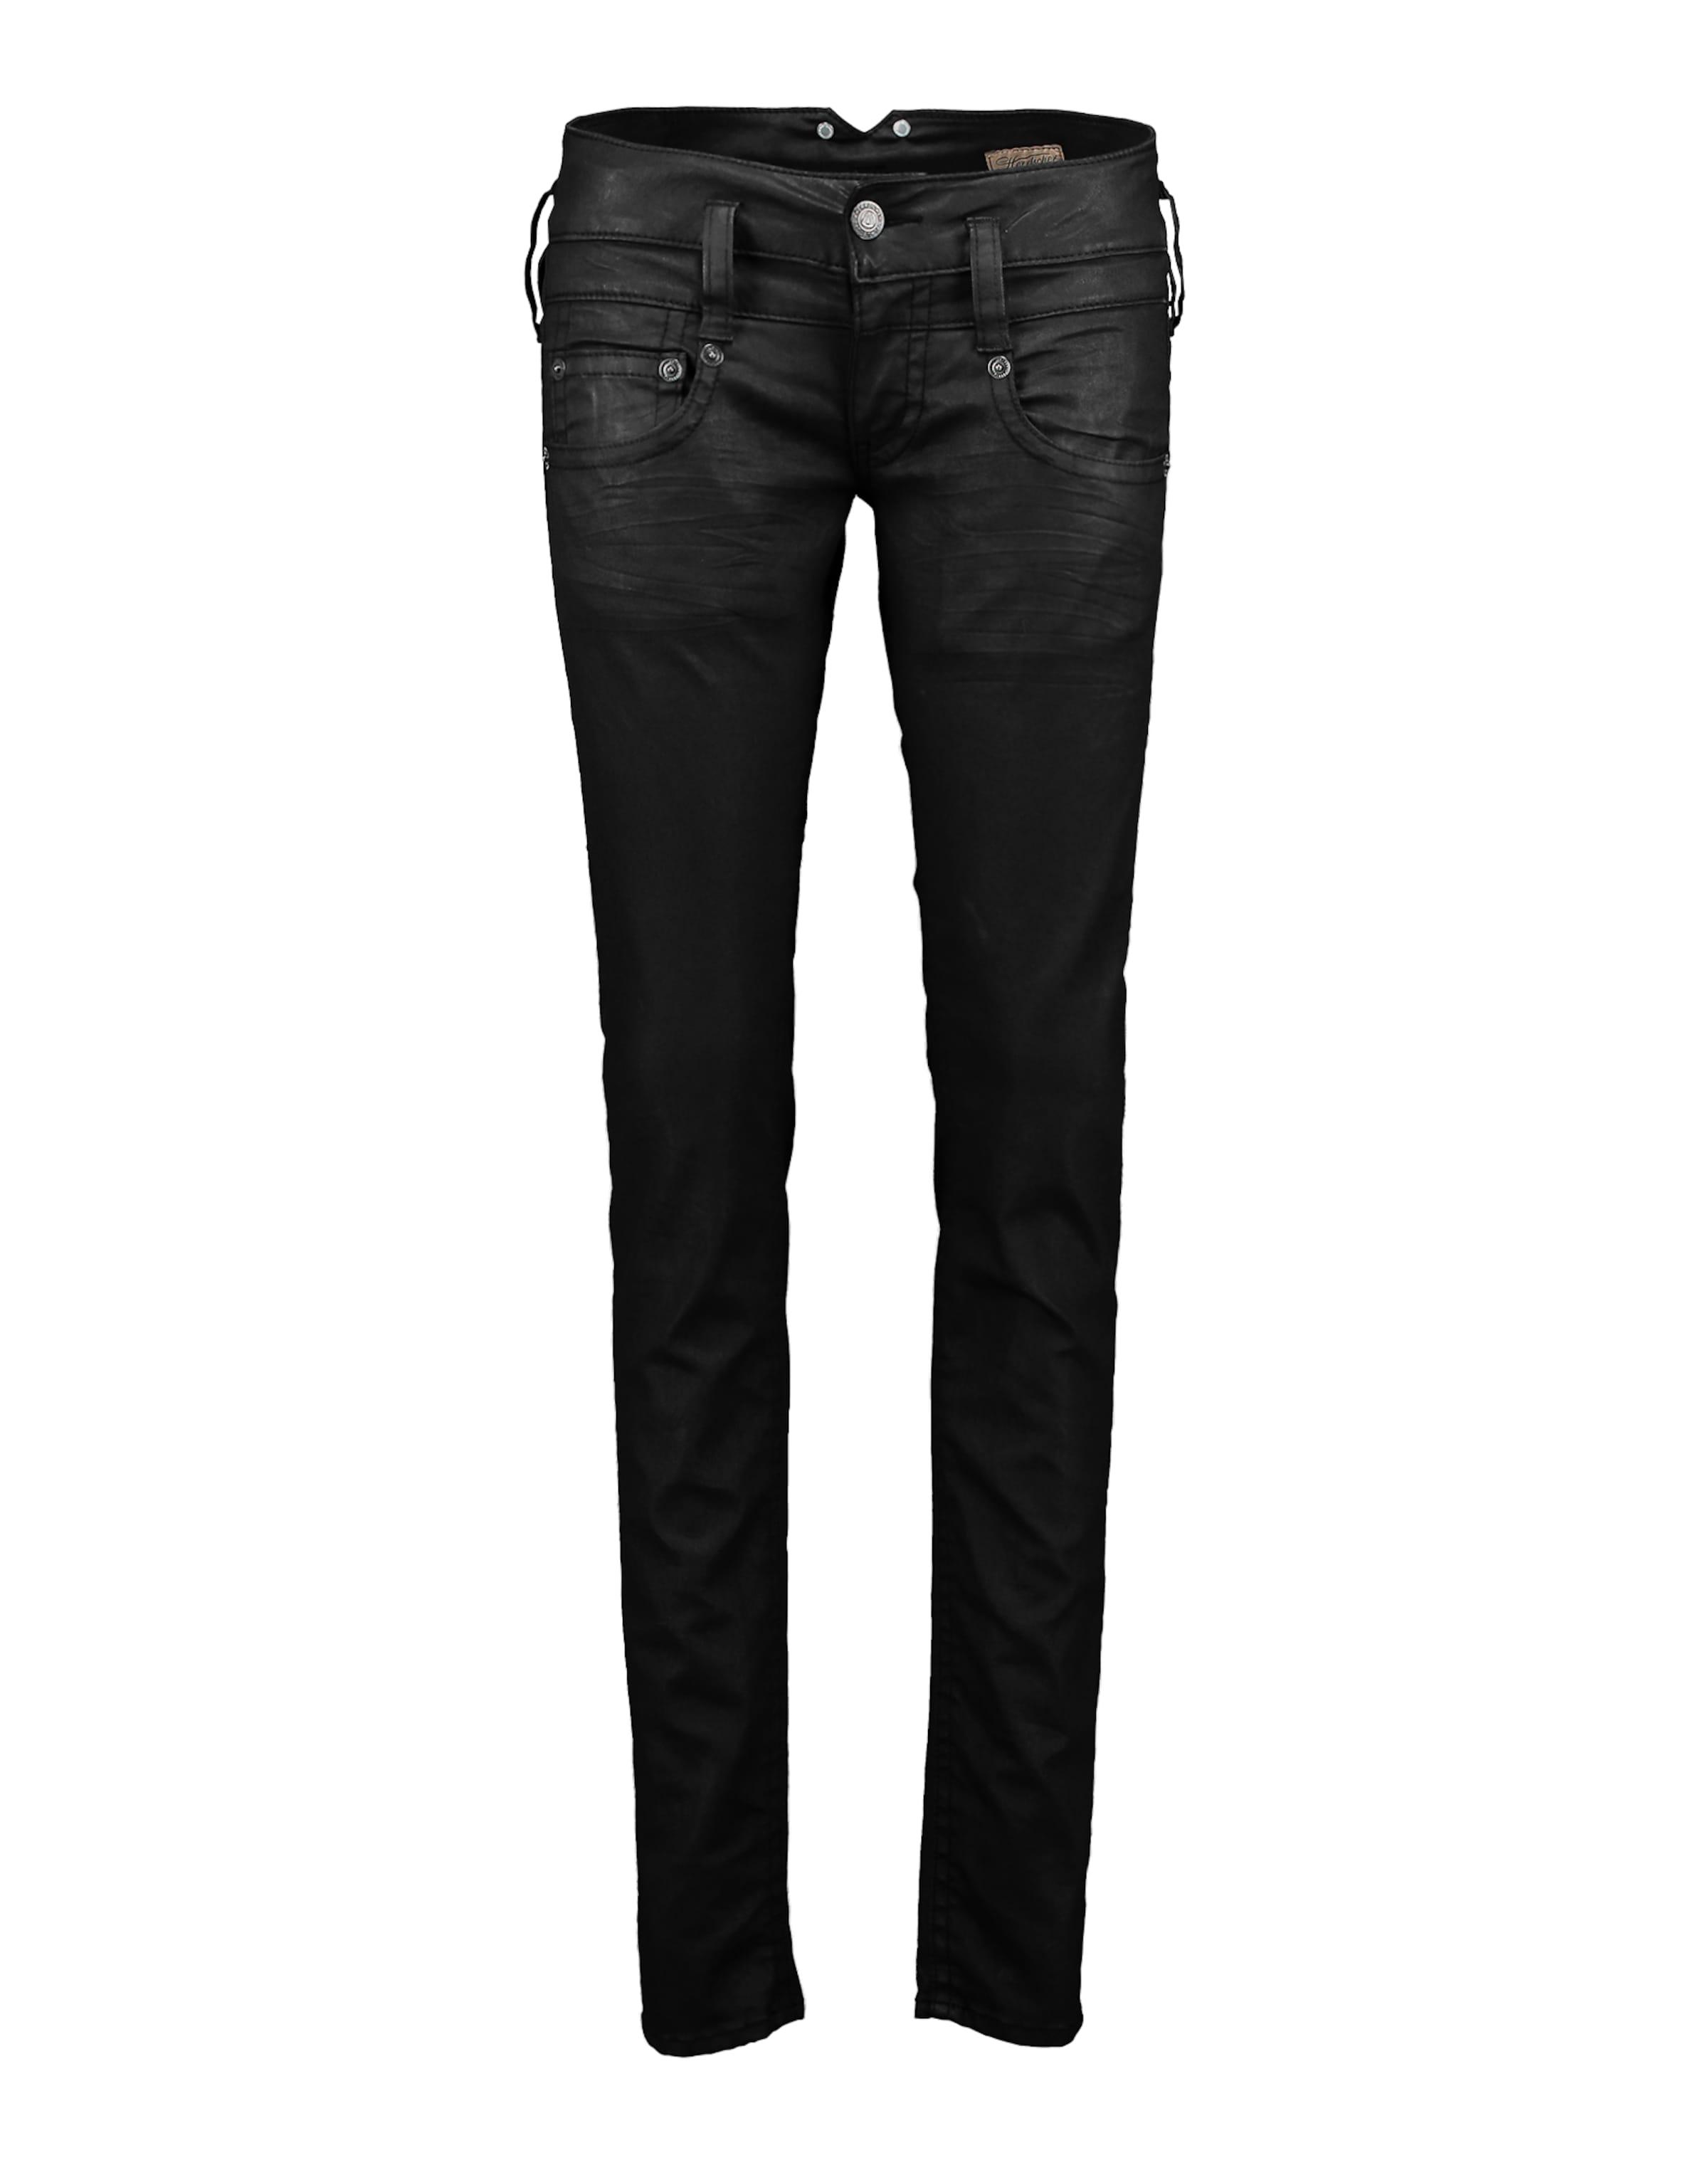 Denim Jeans 'pitch' Black In Herrlicher SMUqzpV